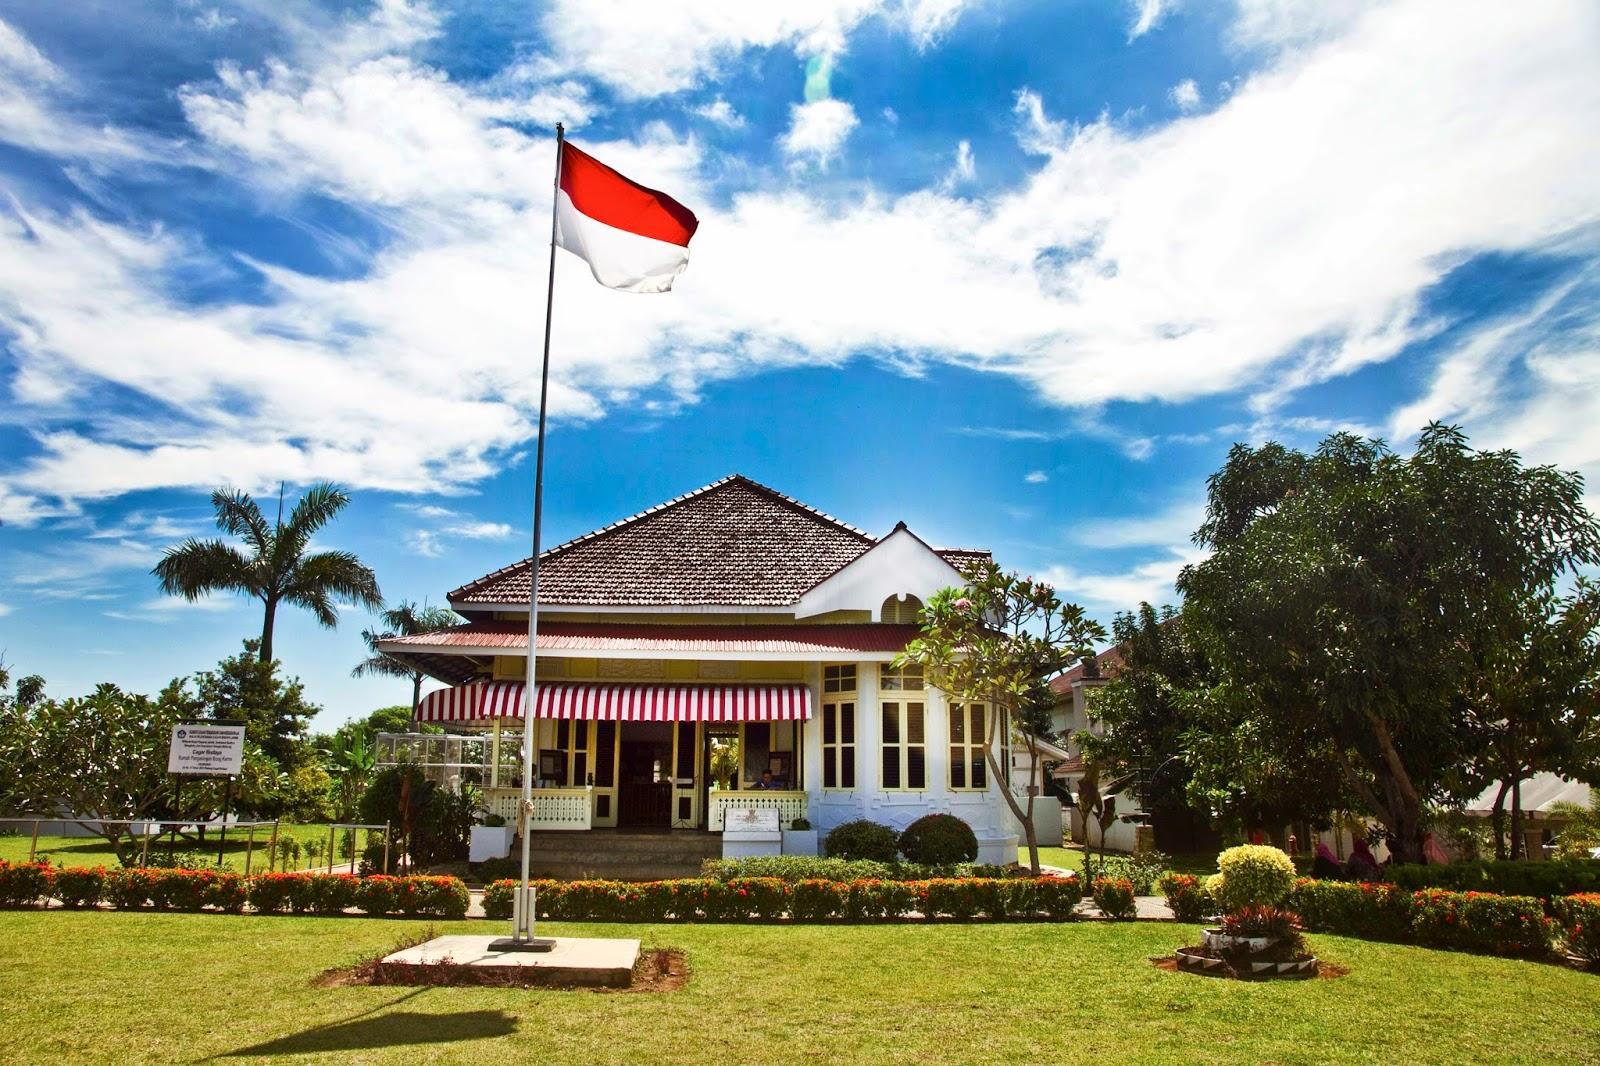 Inilah Enam Tempat Pengasingan Soekarno Sportourism Id Rumah Bung Karno